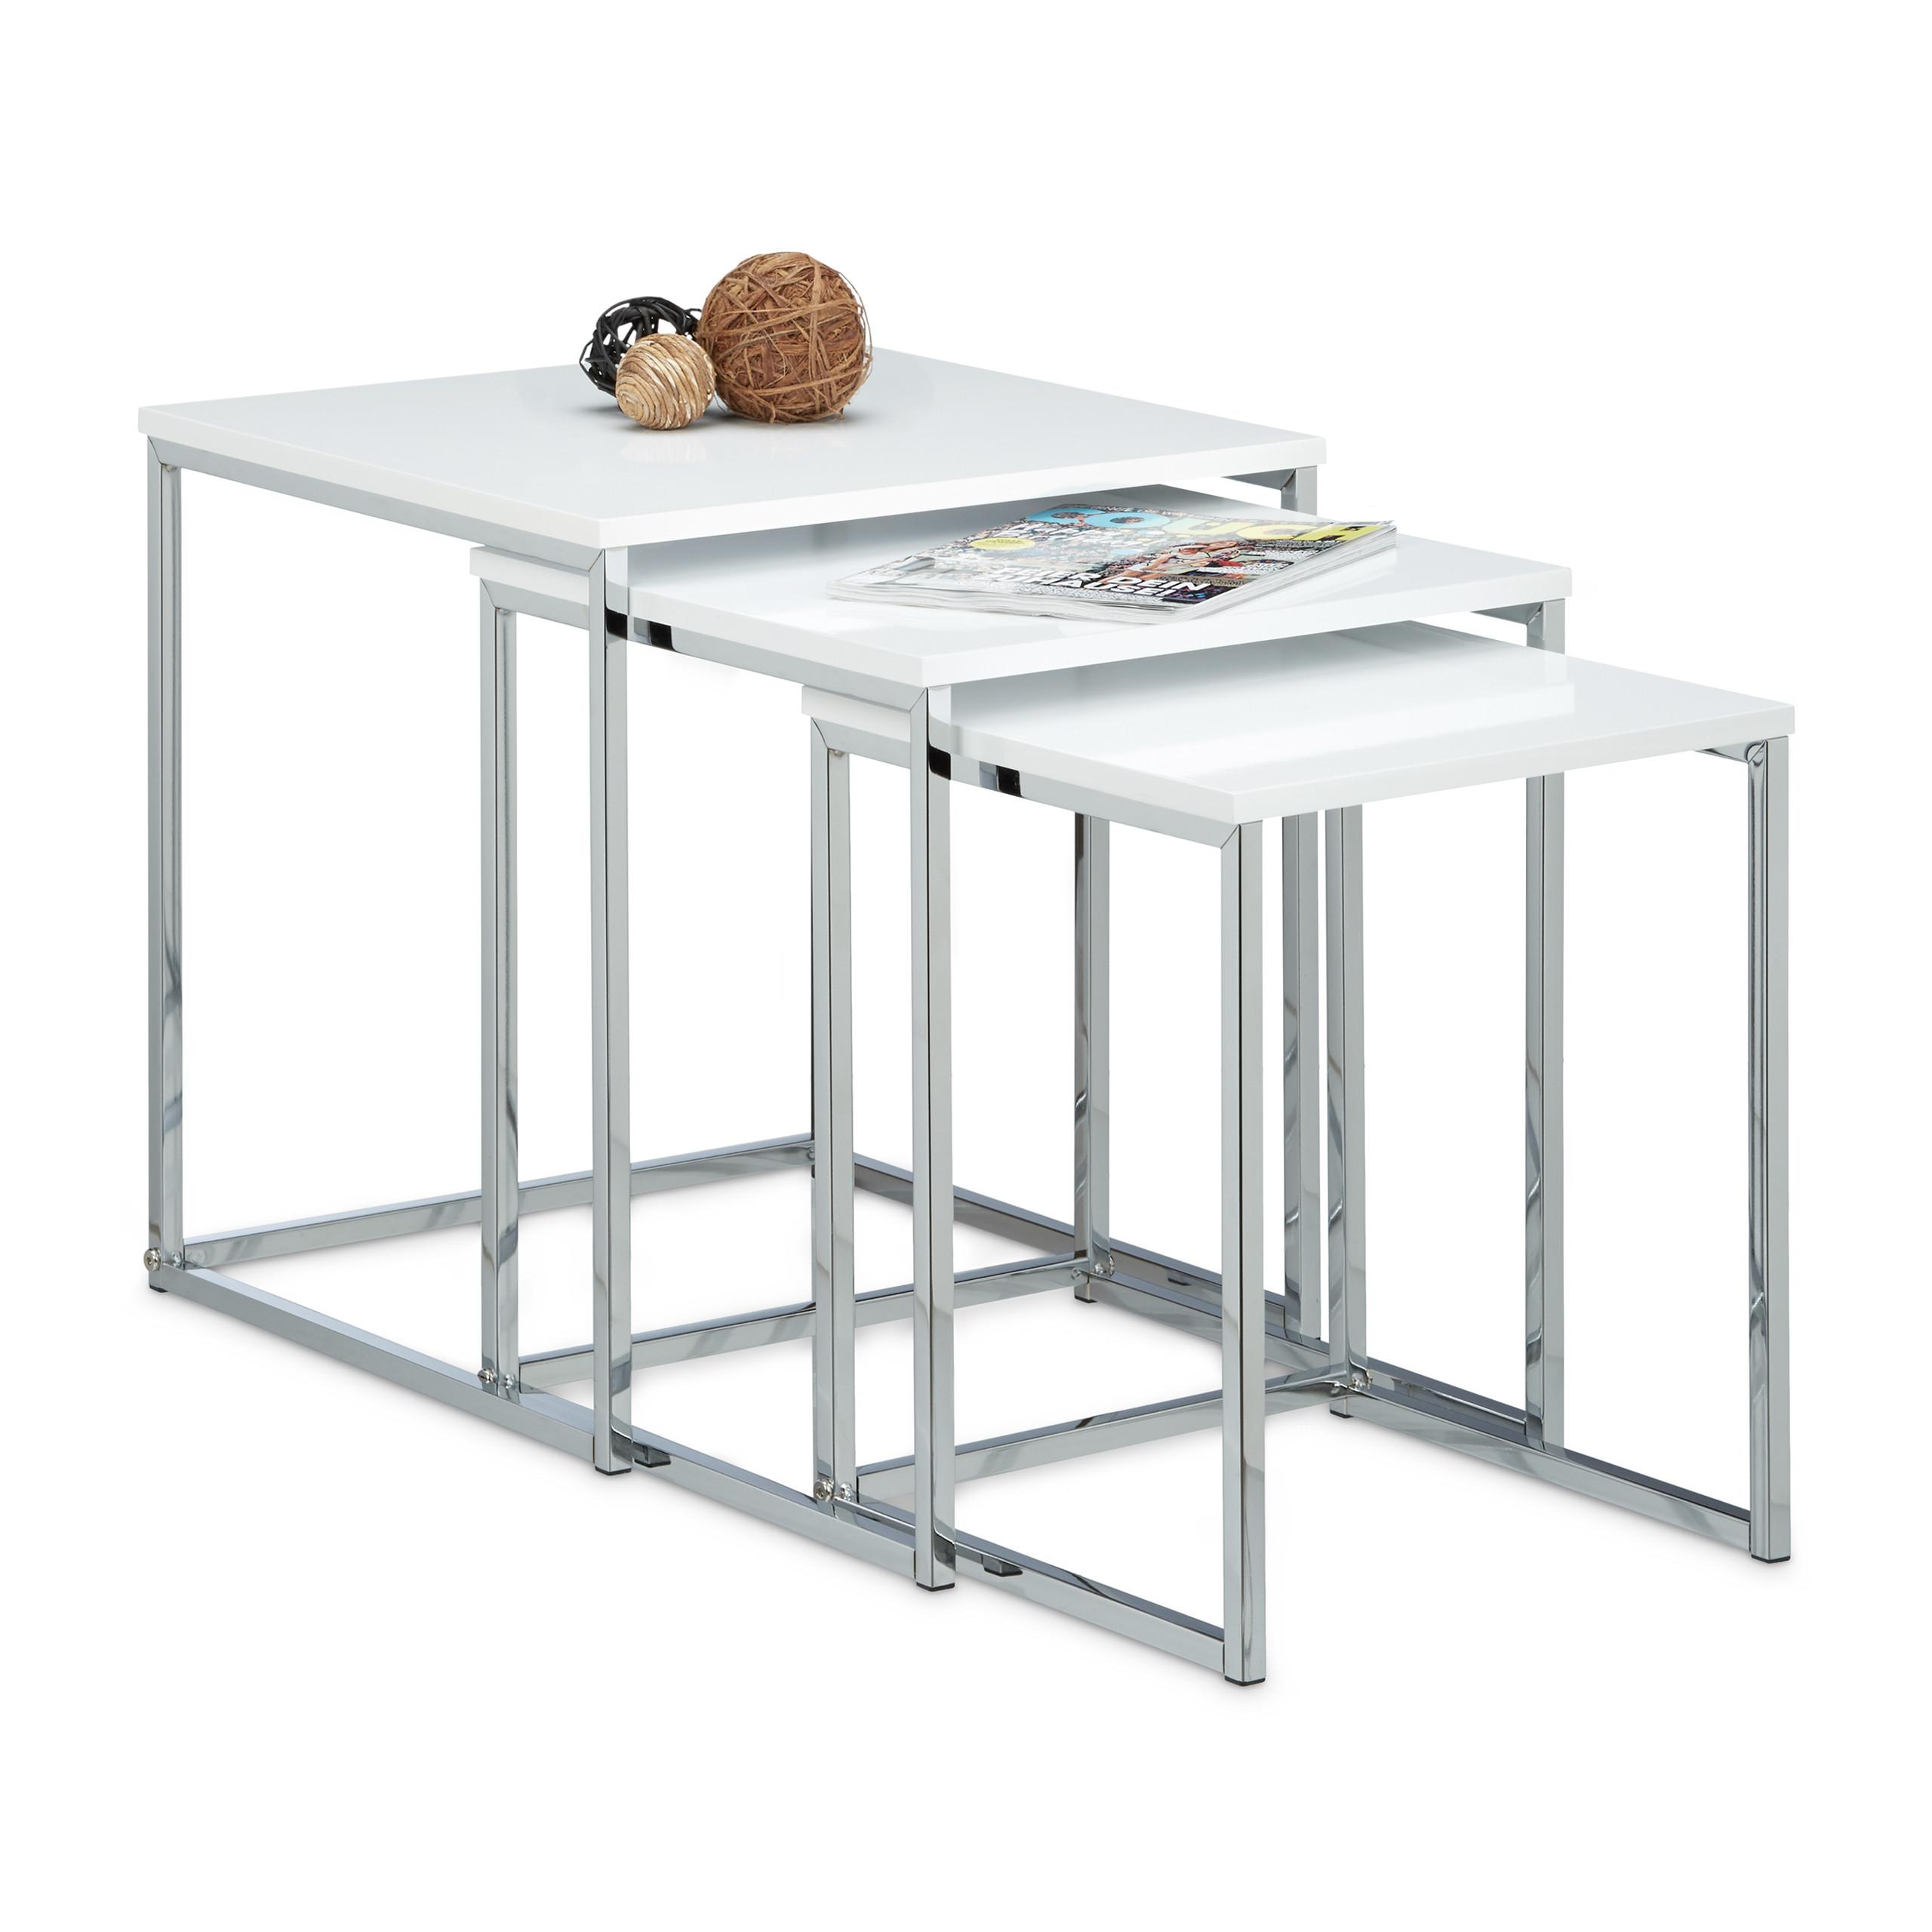 Beistelltische-3er-Set-Holztisch-Metallbeine-modern-fuer-Couch-Kaffetisch